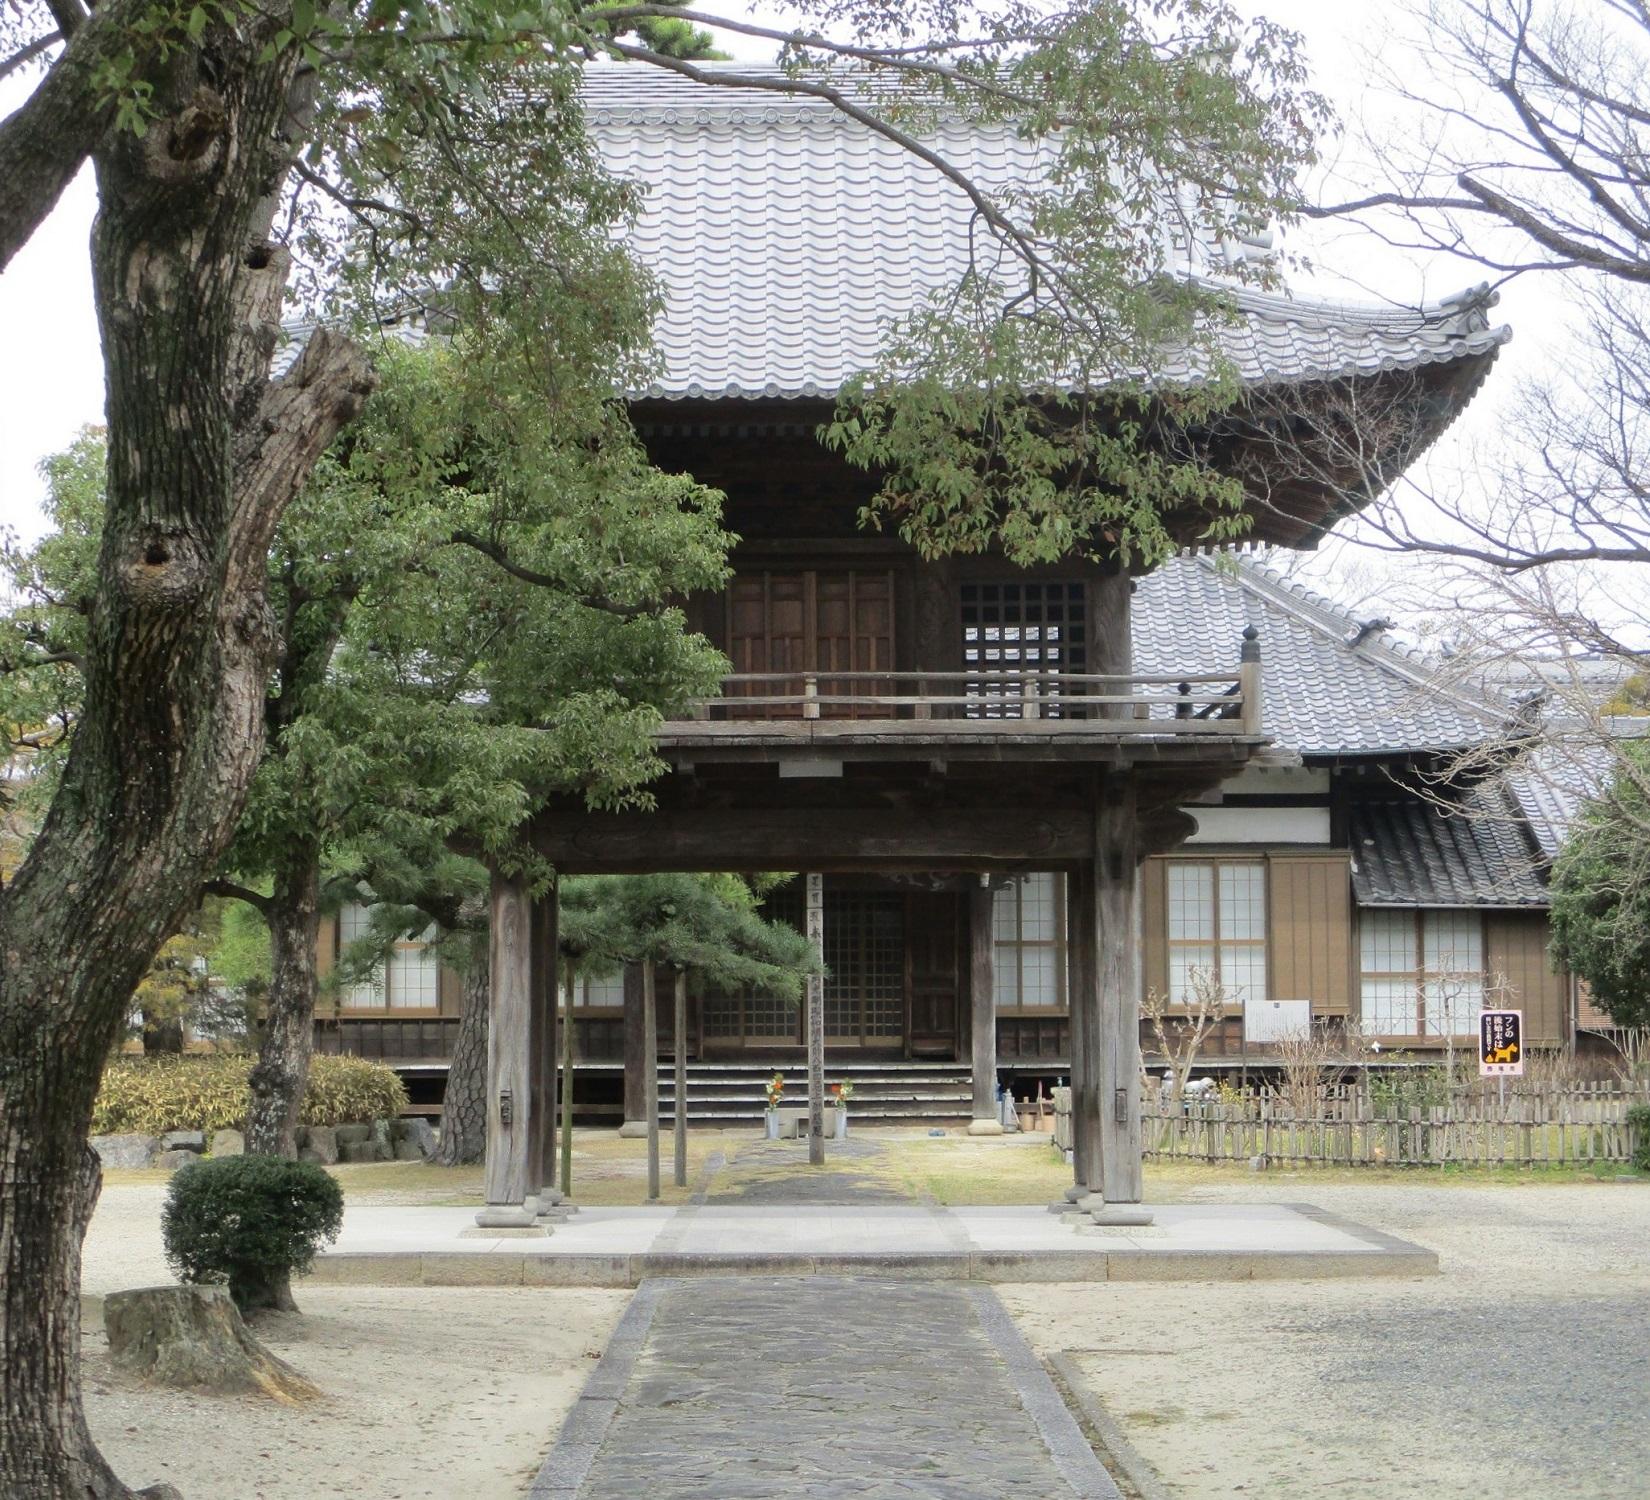 2020.3.13 (59) 養国寺 - 中門 1650-1500